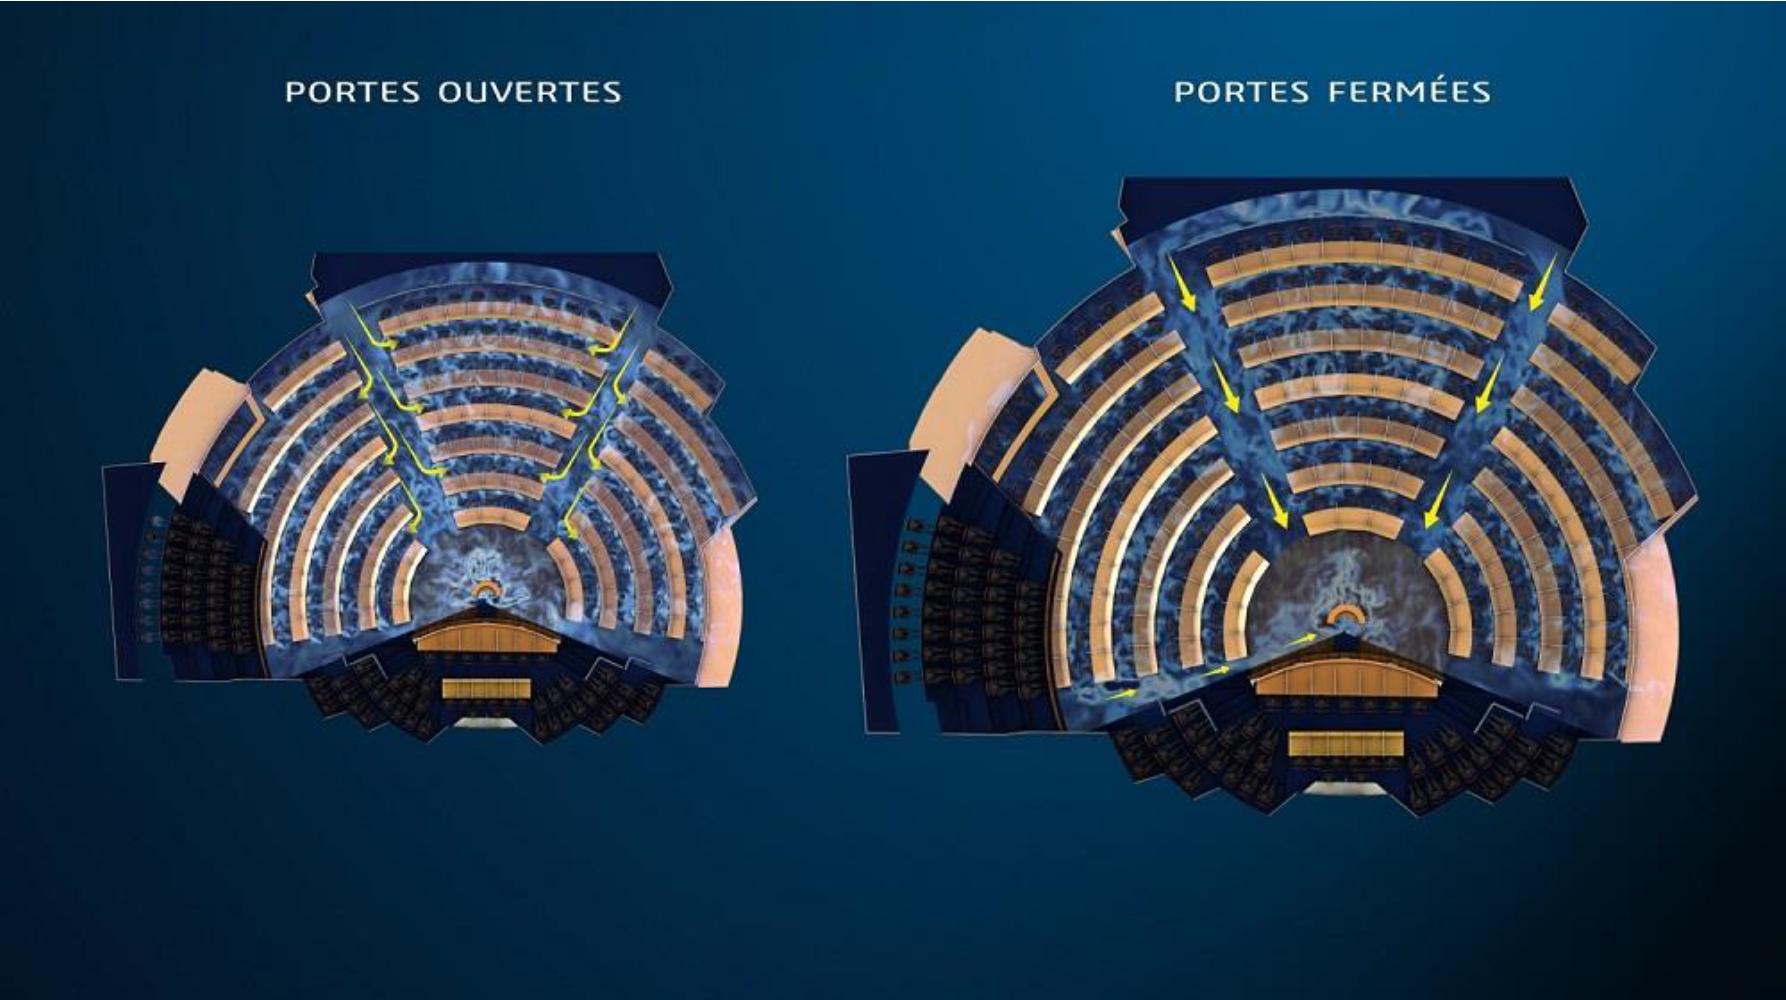 Comparaison des flux d'air portes ouvertes et portes fermées (photo Dassault Systèmes)